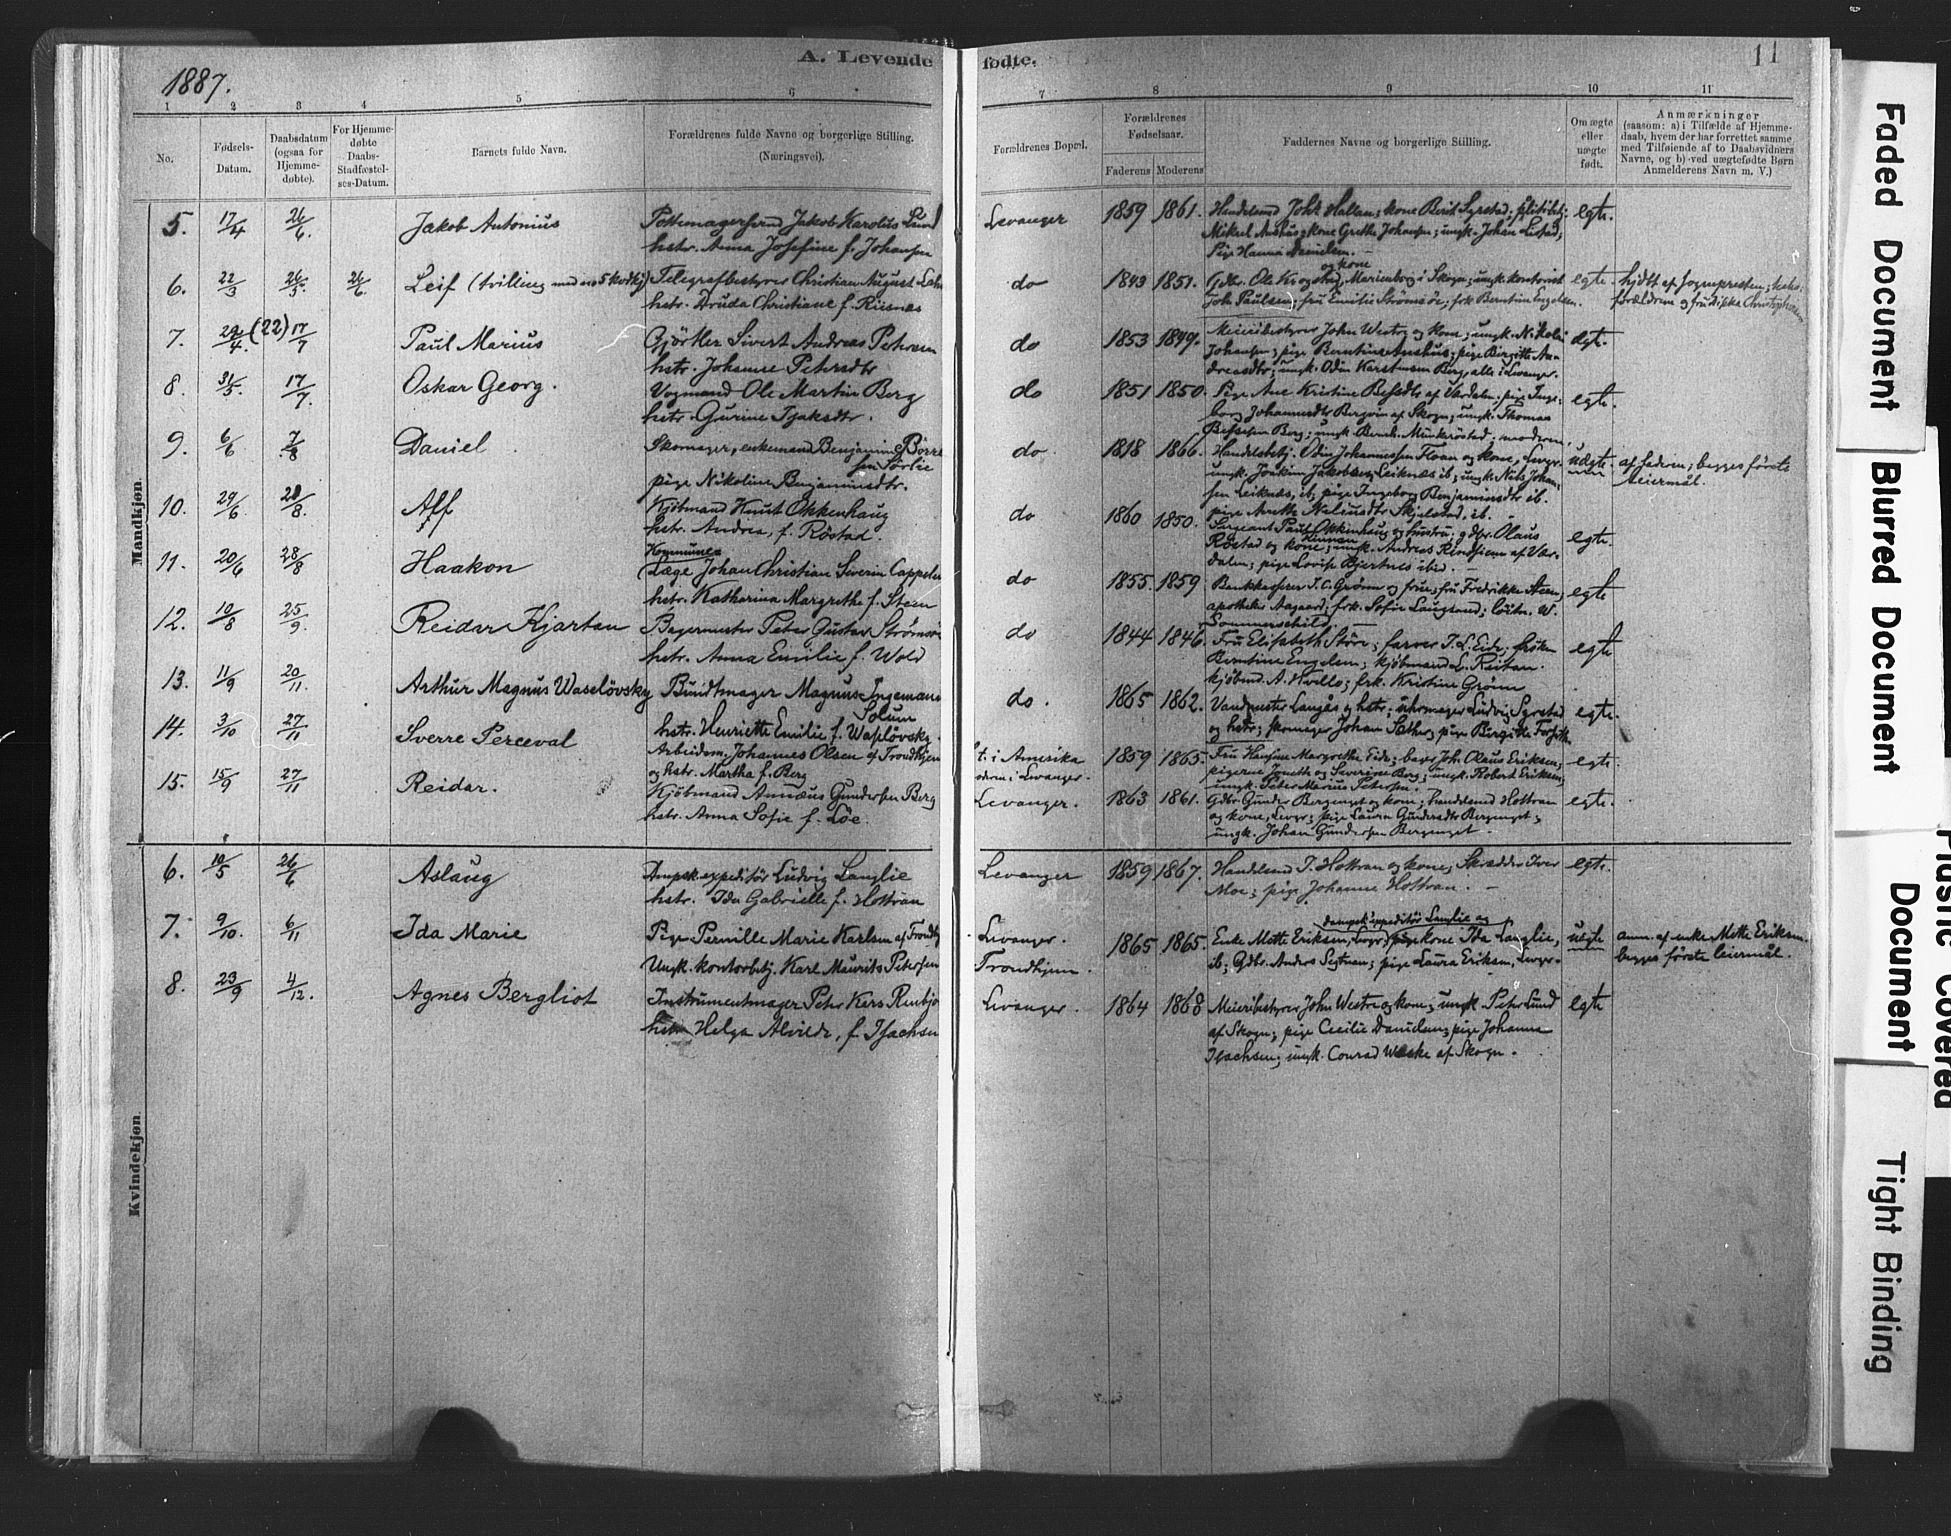 SAT, Ministerialprotokoller, klokkerbøker og fødselsregistre - Nord-Trøndelag, 720/L0189: Ministerialbok nr. 720A05, 1880-1911, s. 11